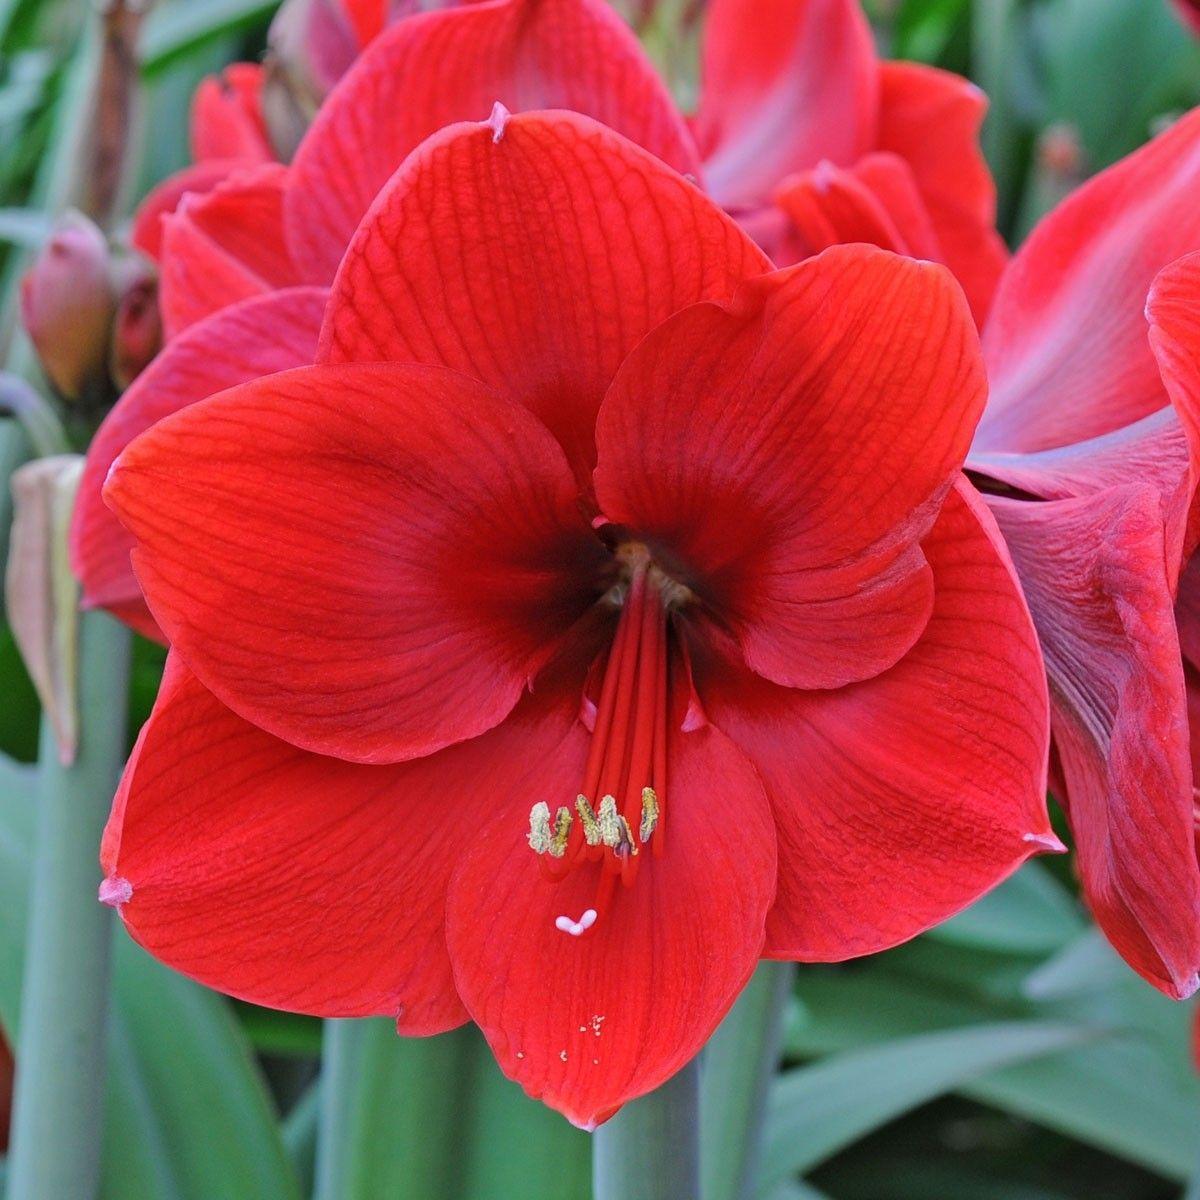 Die Amaryllis Red Label Uberzeugt In Vielerlei Hinsicht Sie Wachst Immer Gut Bluht Reichlich Und Bietet Ein Traditionelles Amaryllis Blumen Blumenzwiebeln